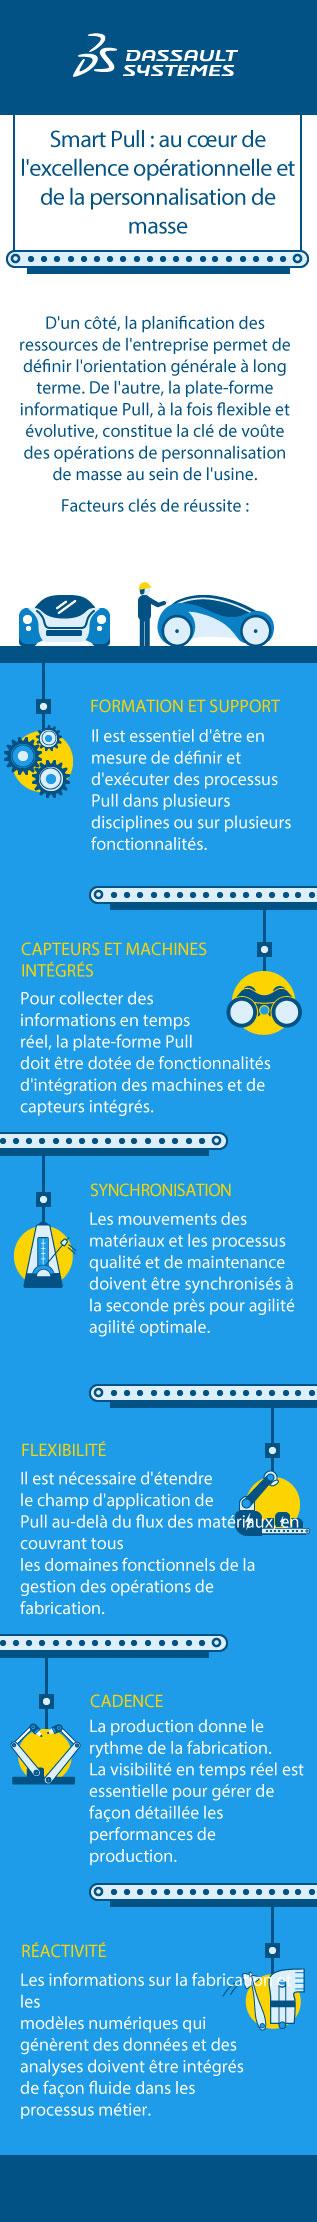 Personnalisation de masse > Smart Pull : Au cœur de l'excellence opérationnelle > Dassault Systèmes®